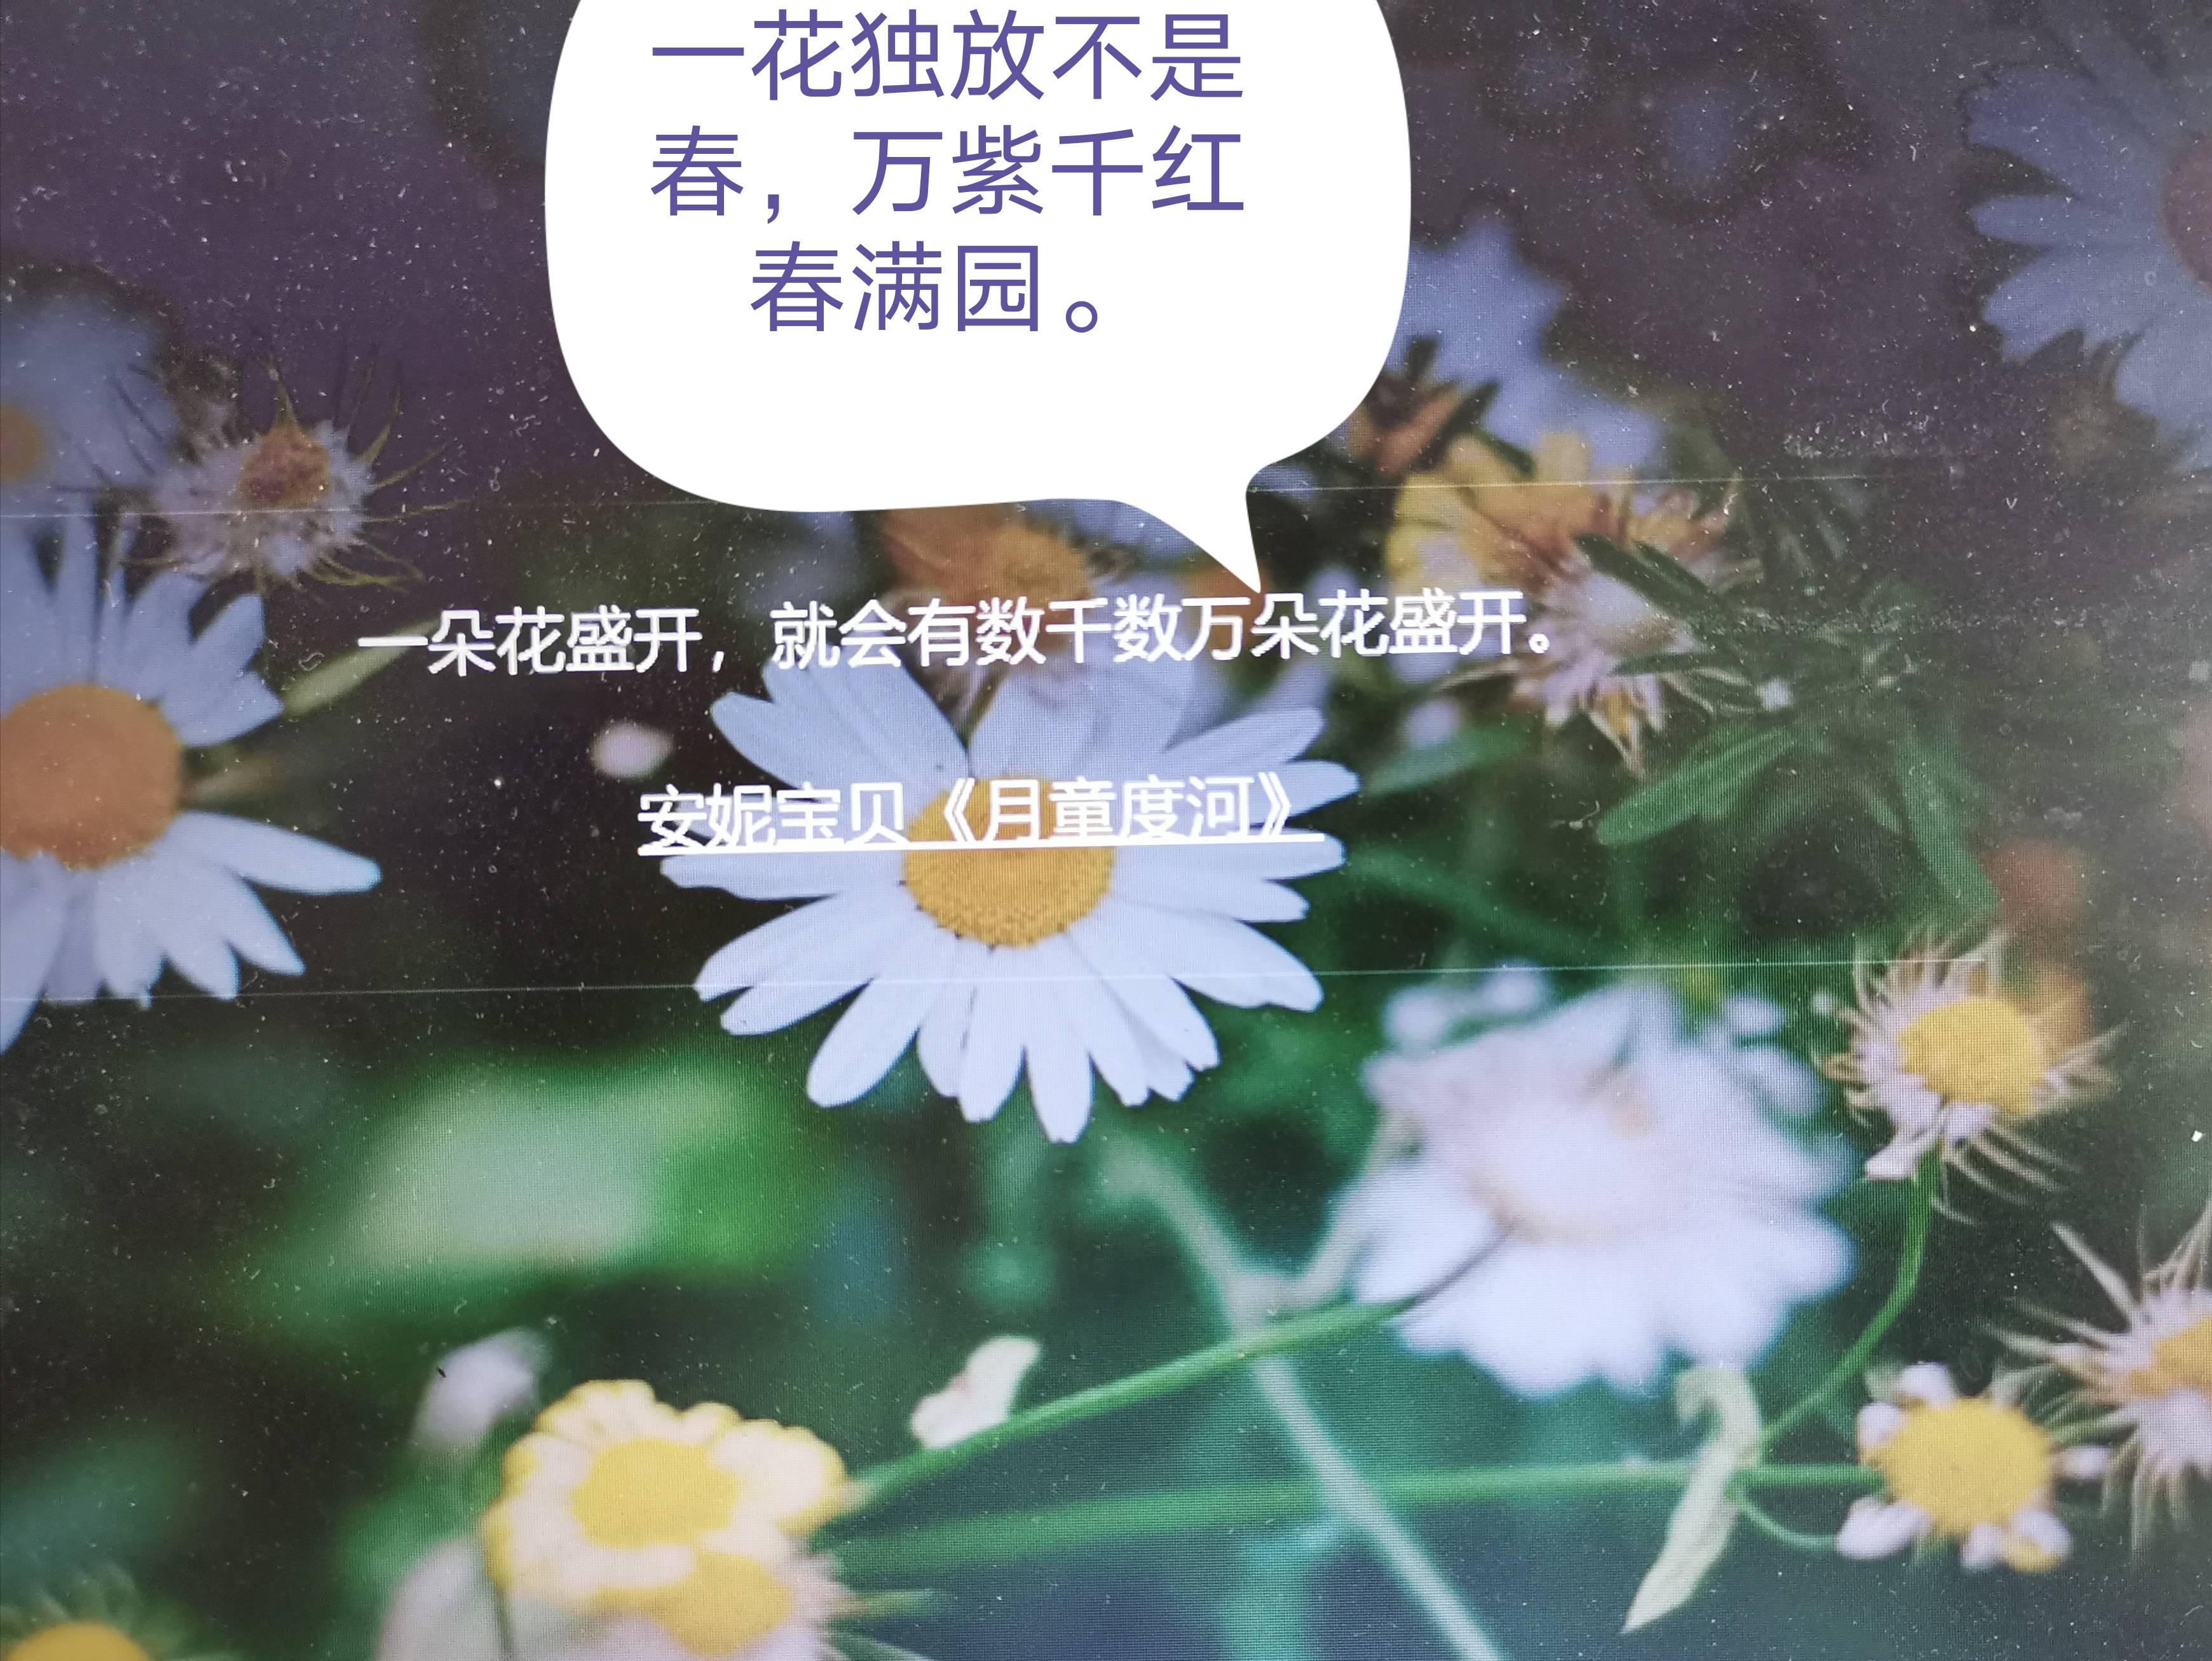 崇俭尚|我的教育教学策划704:顺便谈一下节约(2020.8.29.)